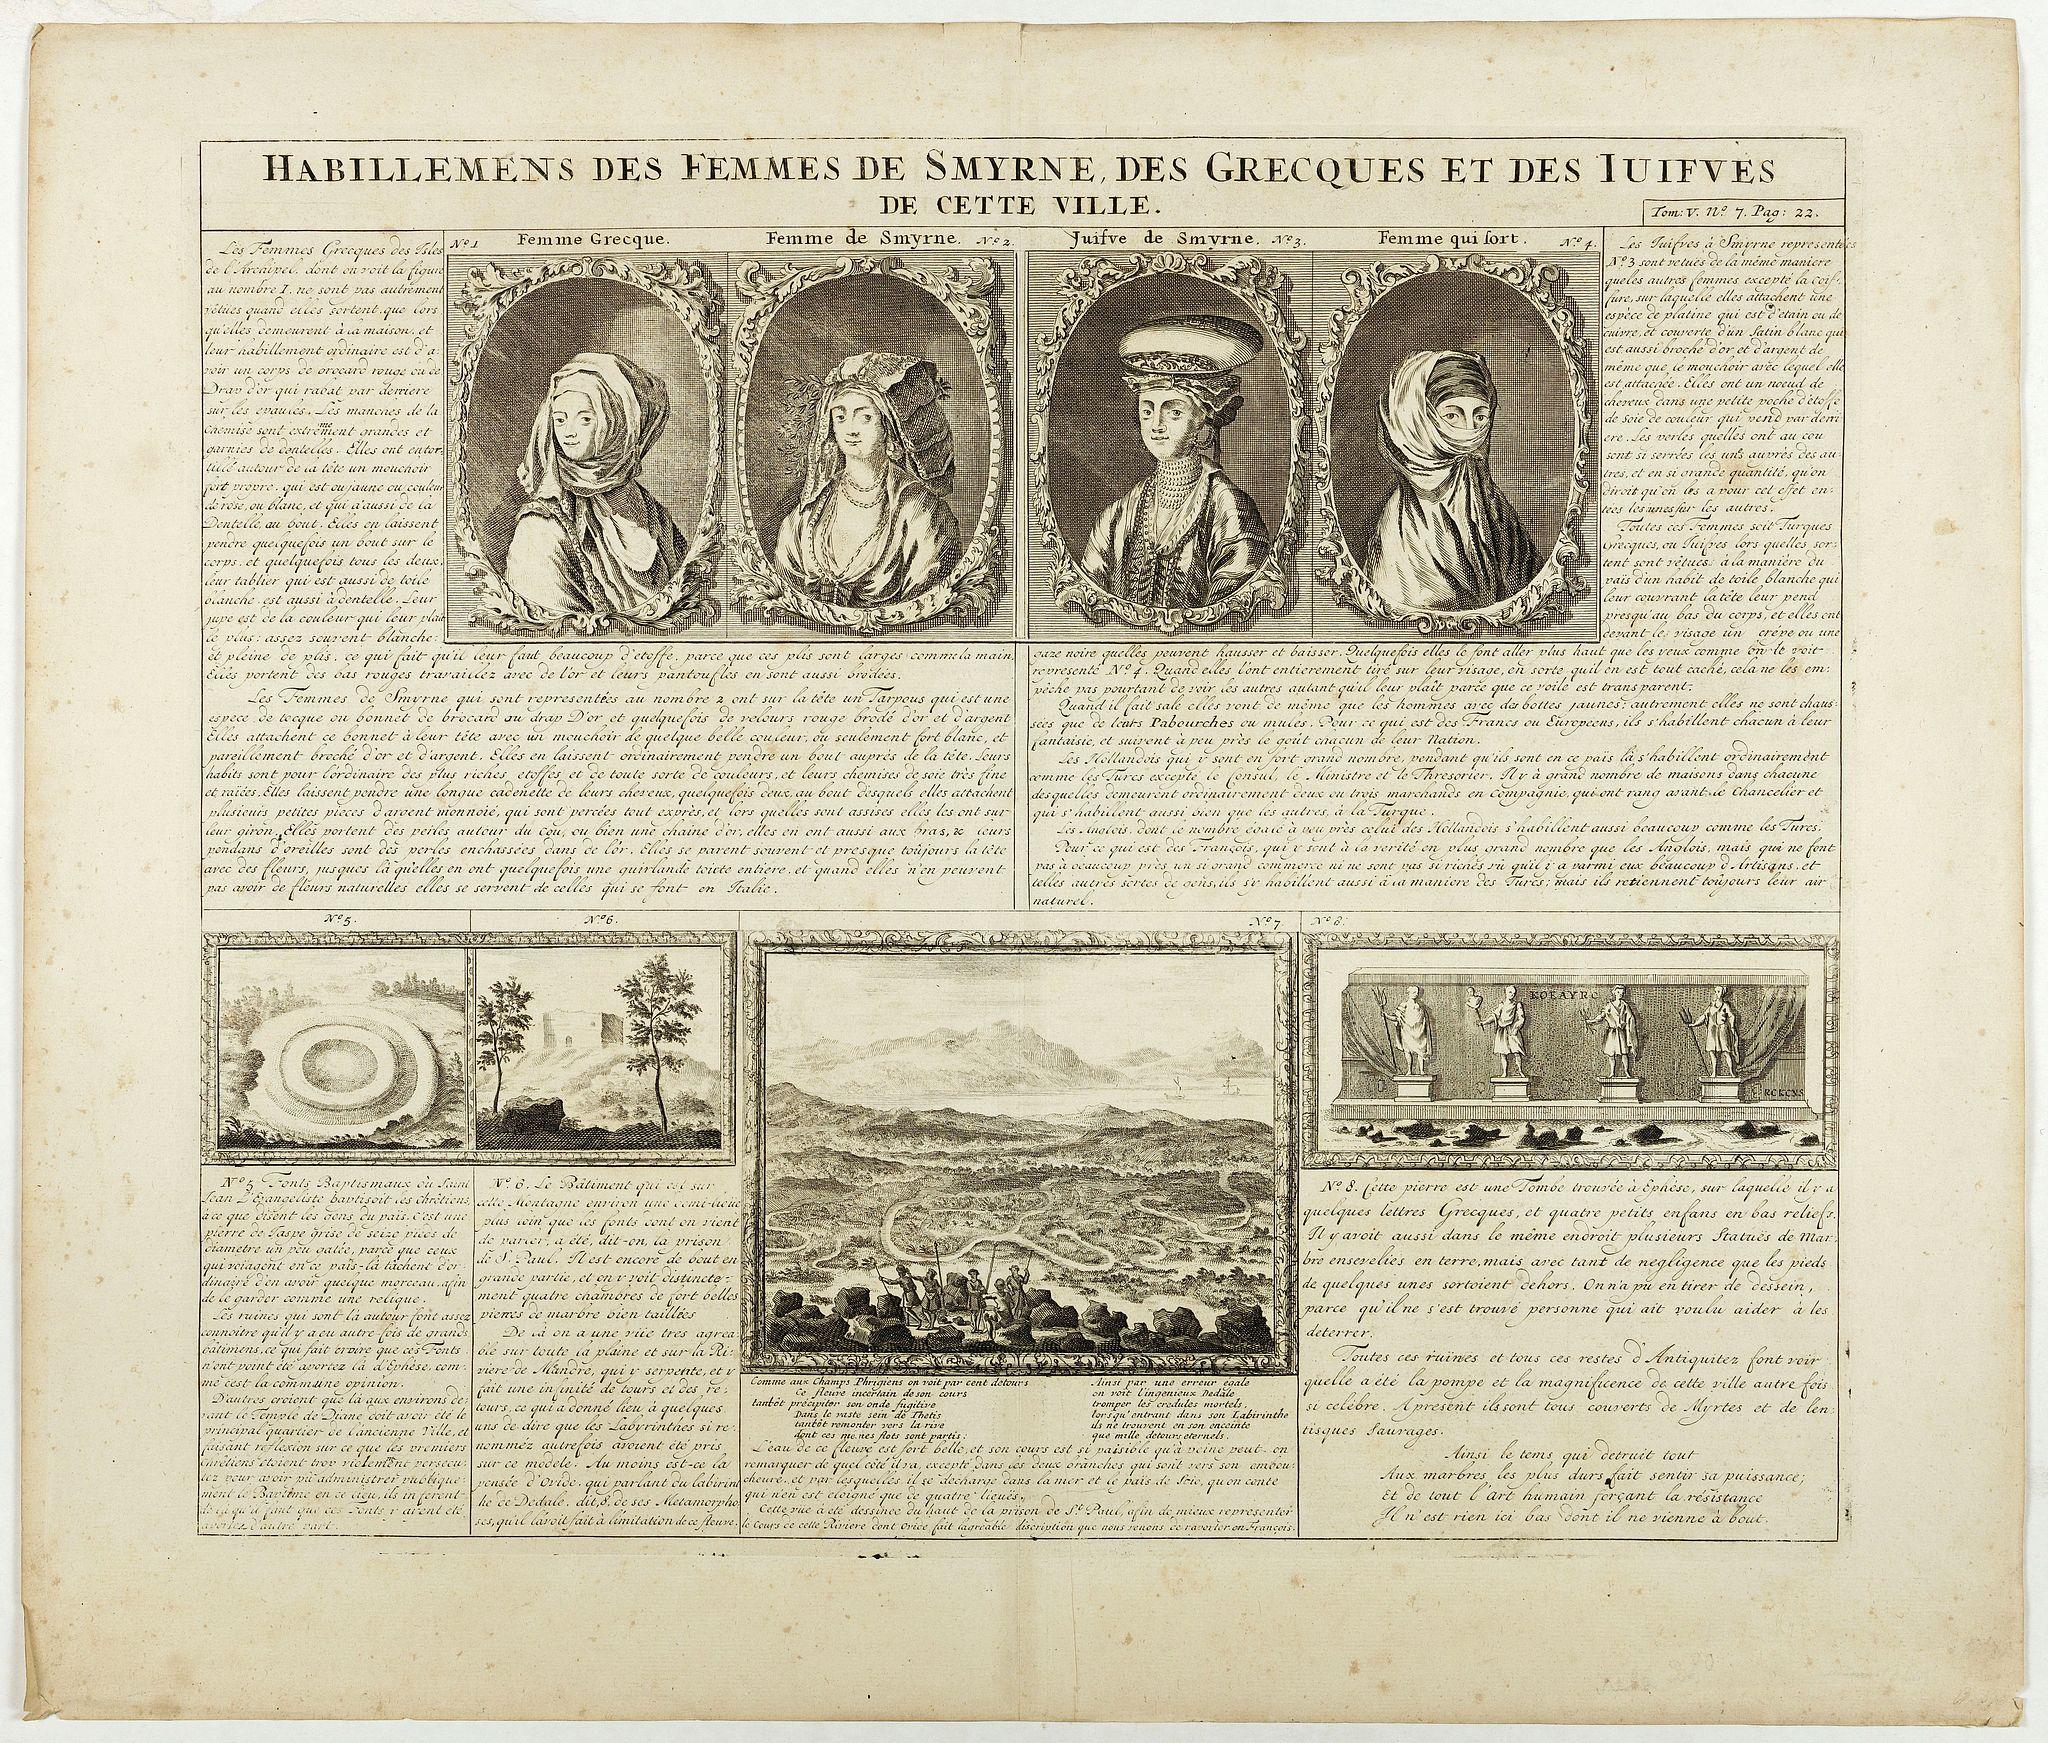 CHATELAIN, H. -  Habillement des femmes de Smyrnes, des Grecques et des Juifs de cette ville.